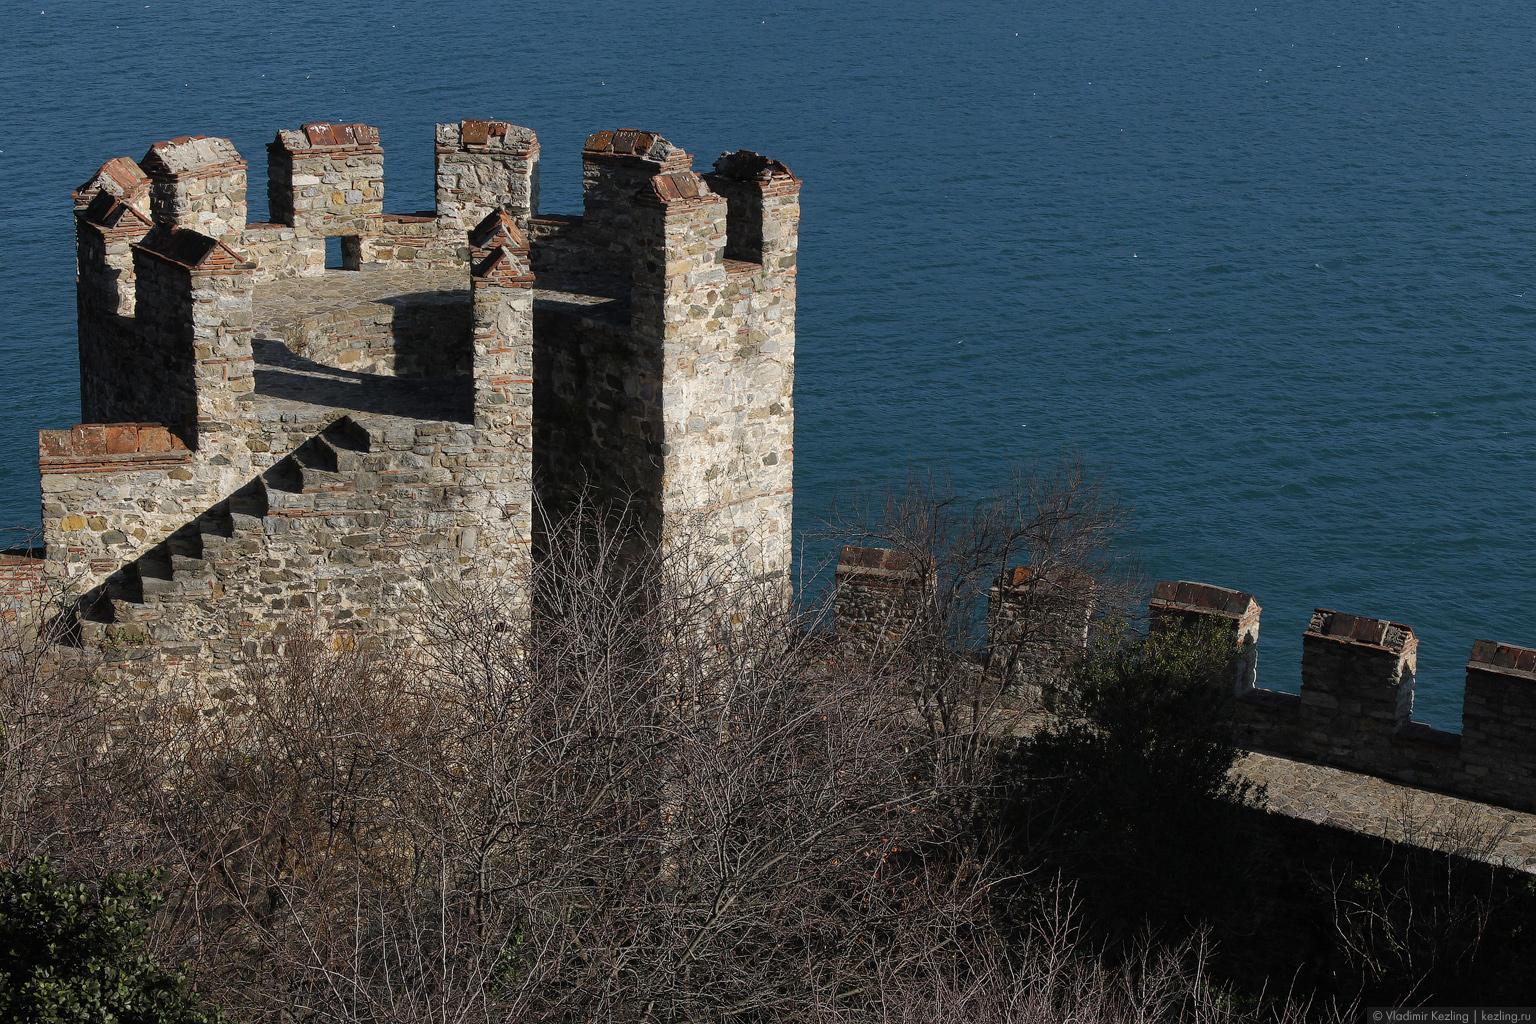 Босфор. Две крепости: Анадолу Хисары и Румели Хисары